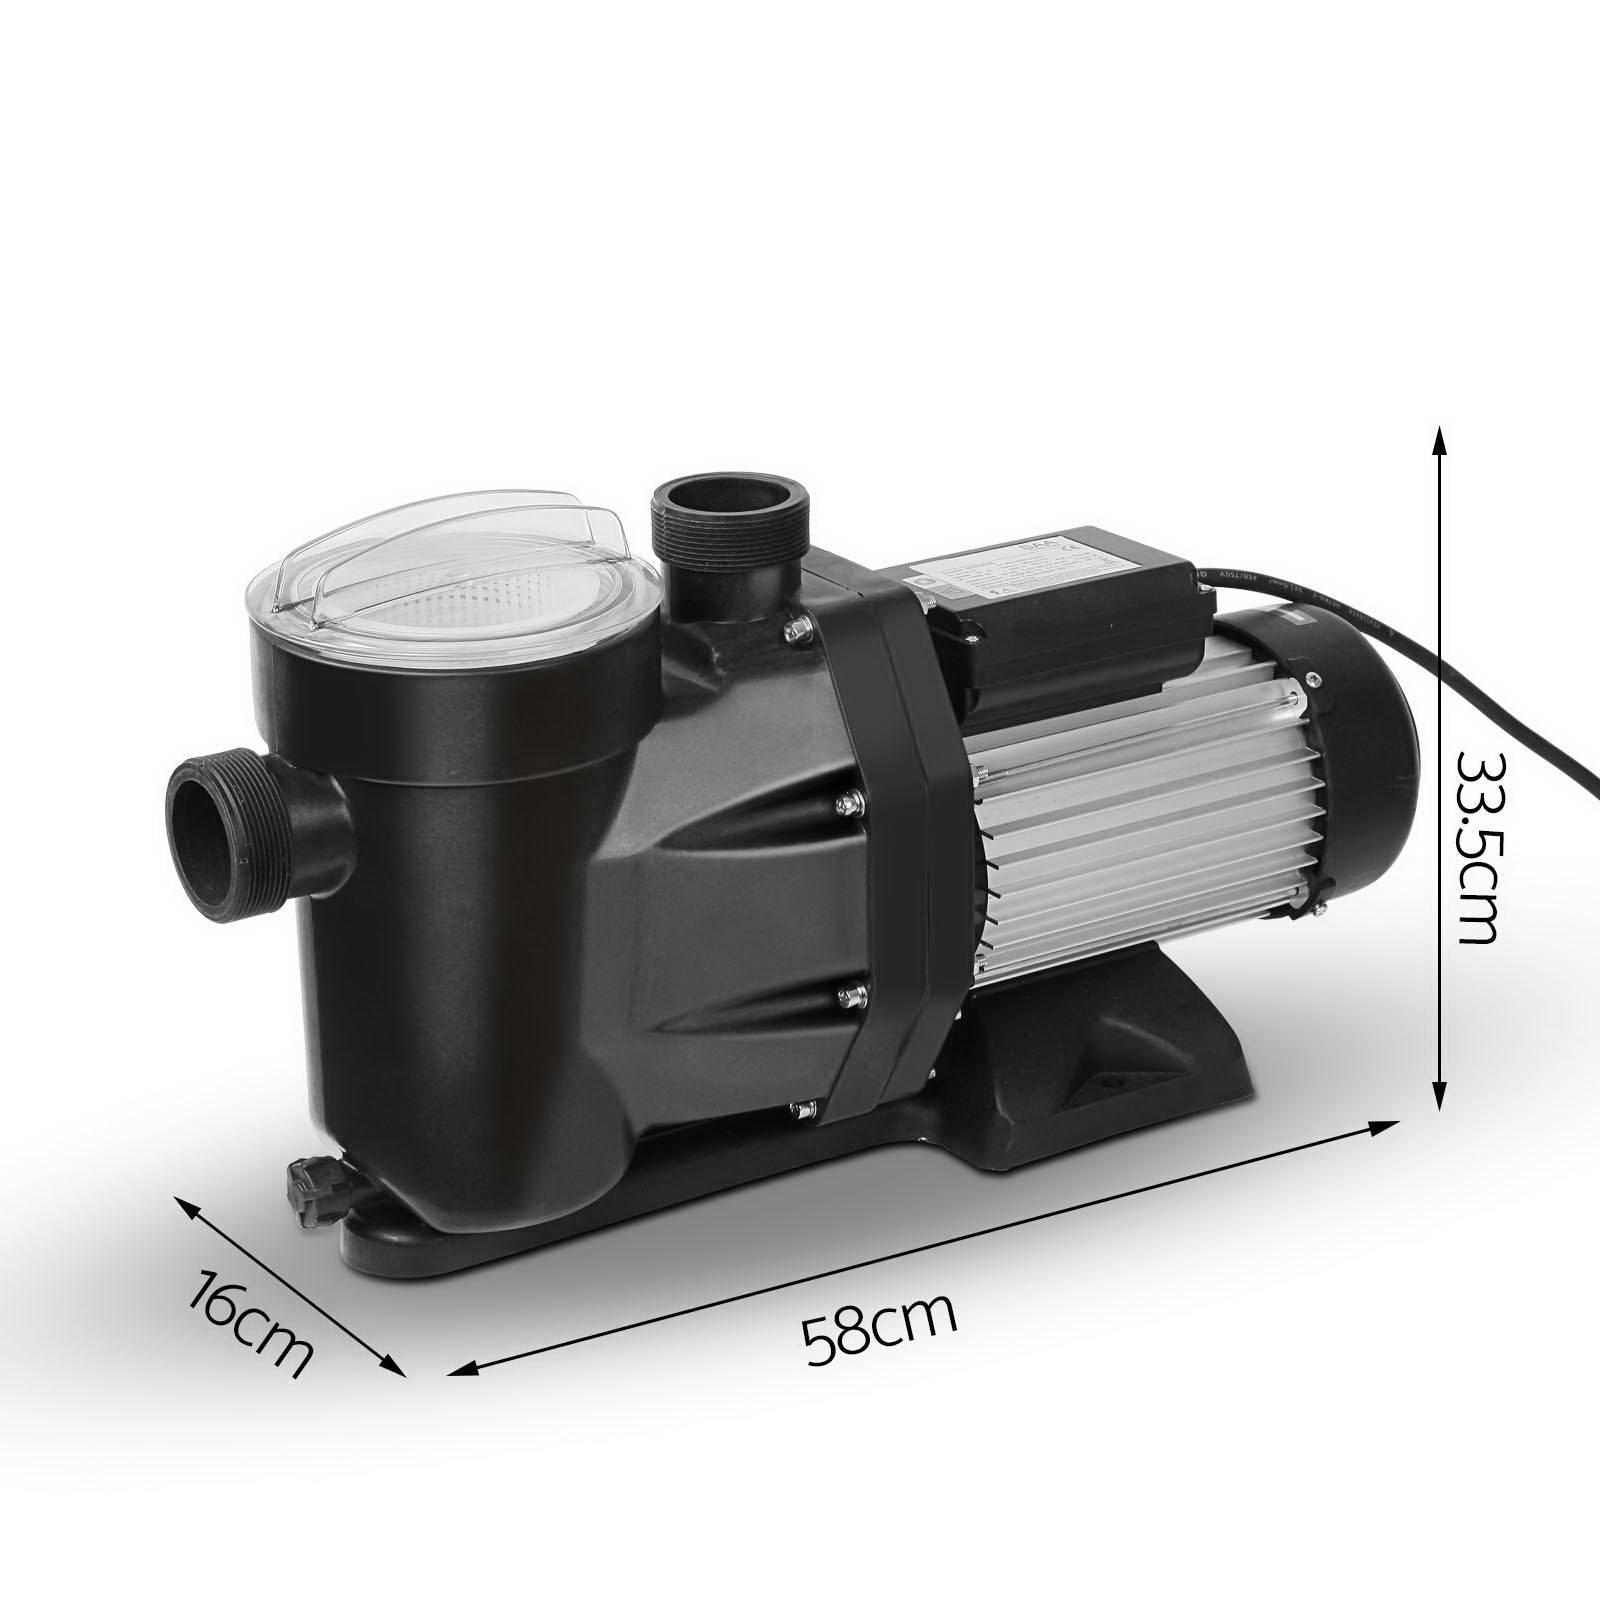 Swimming Pool Pressure : Hp w swimming pool spa electric water pump pressure